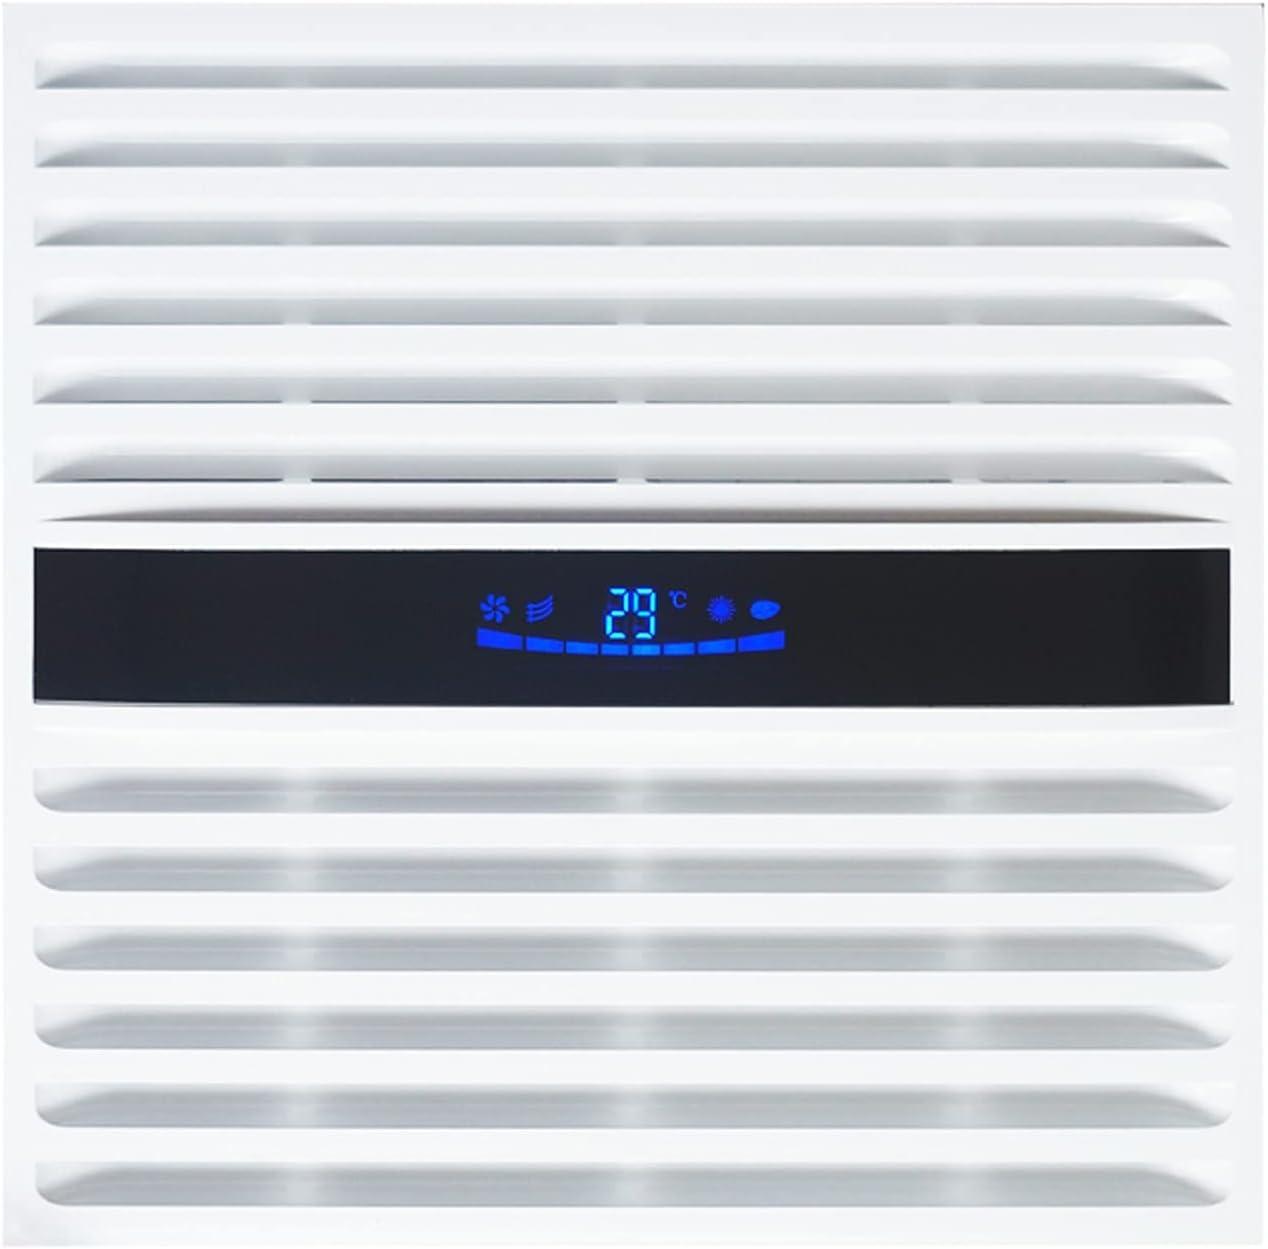 Ventilador extractor Ventilador de ventilación de alta potencia de techo integrado 30 * 3 0CM Potente ventilador de escape para la cocina y el techo del baño el ventilador de escape silencioso con LCD